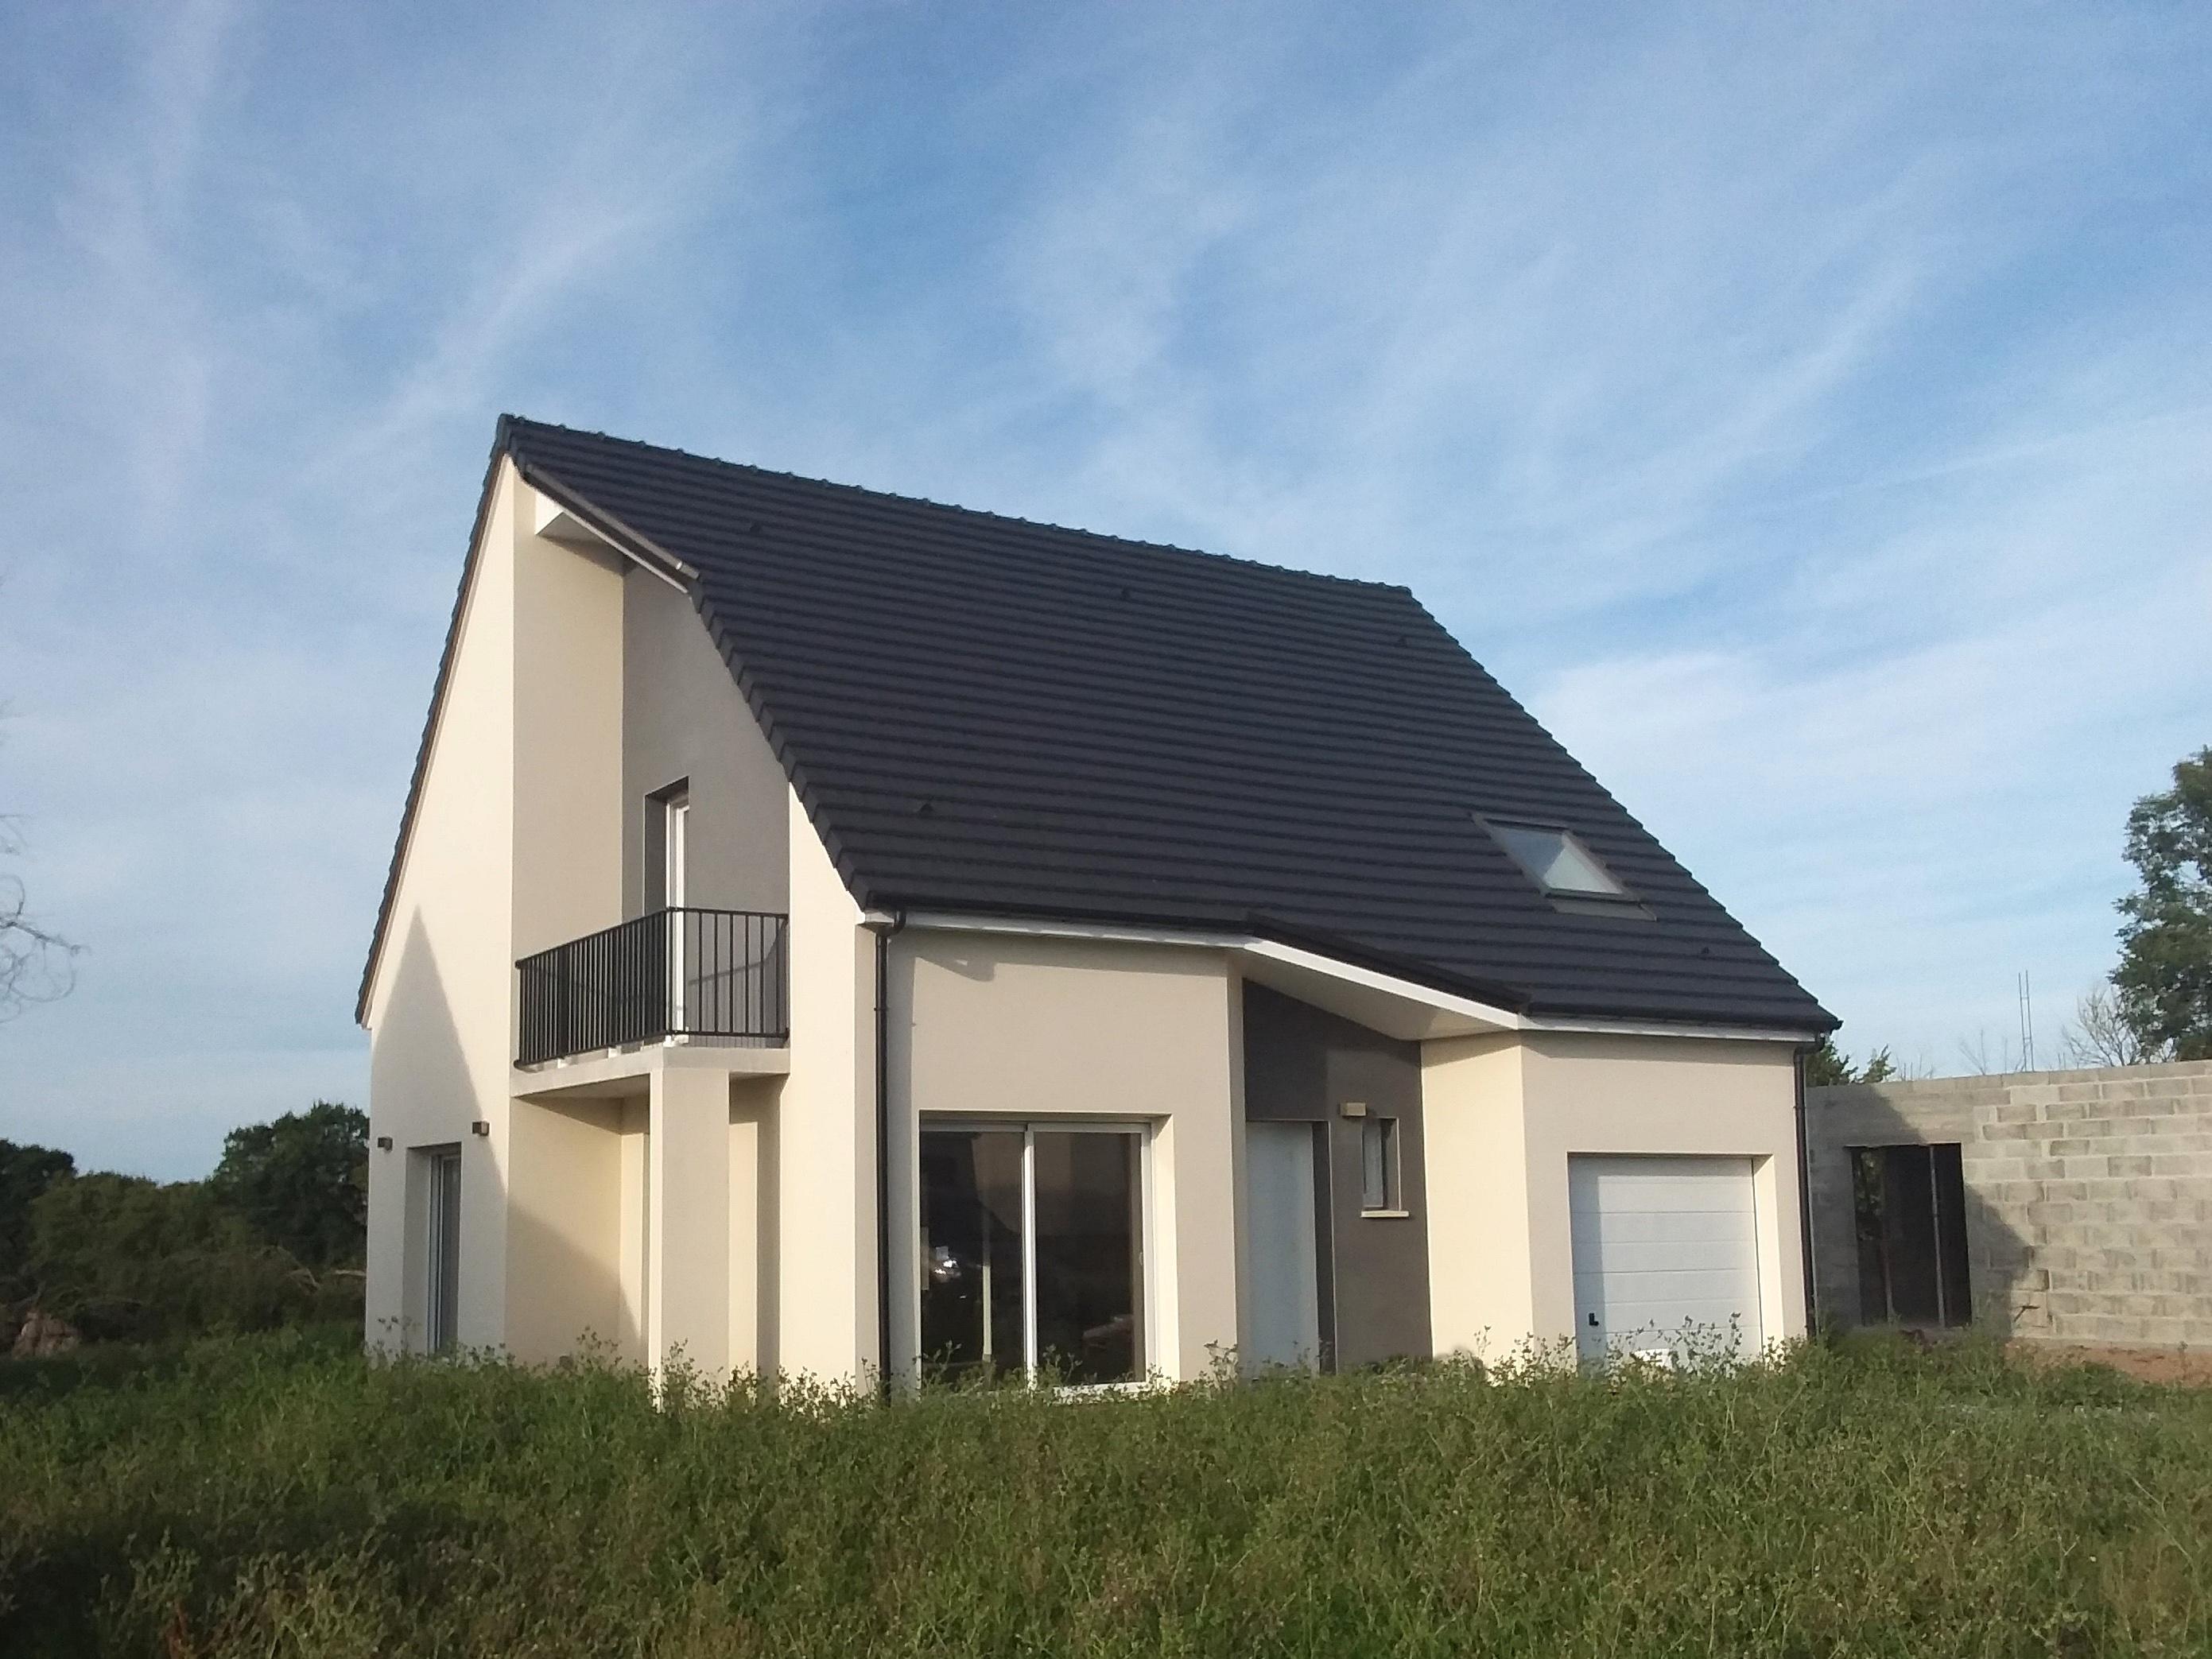 Votre maison + terrain à Condé-sur-Risle (27)